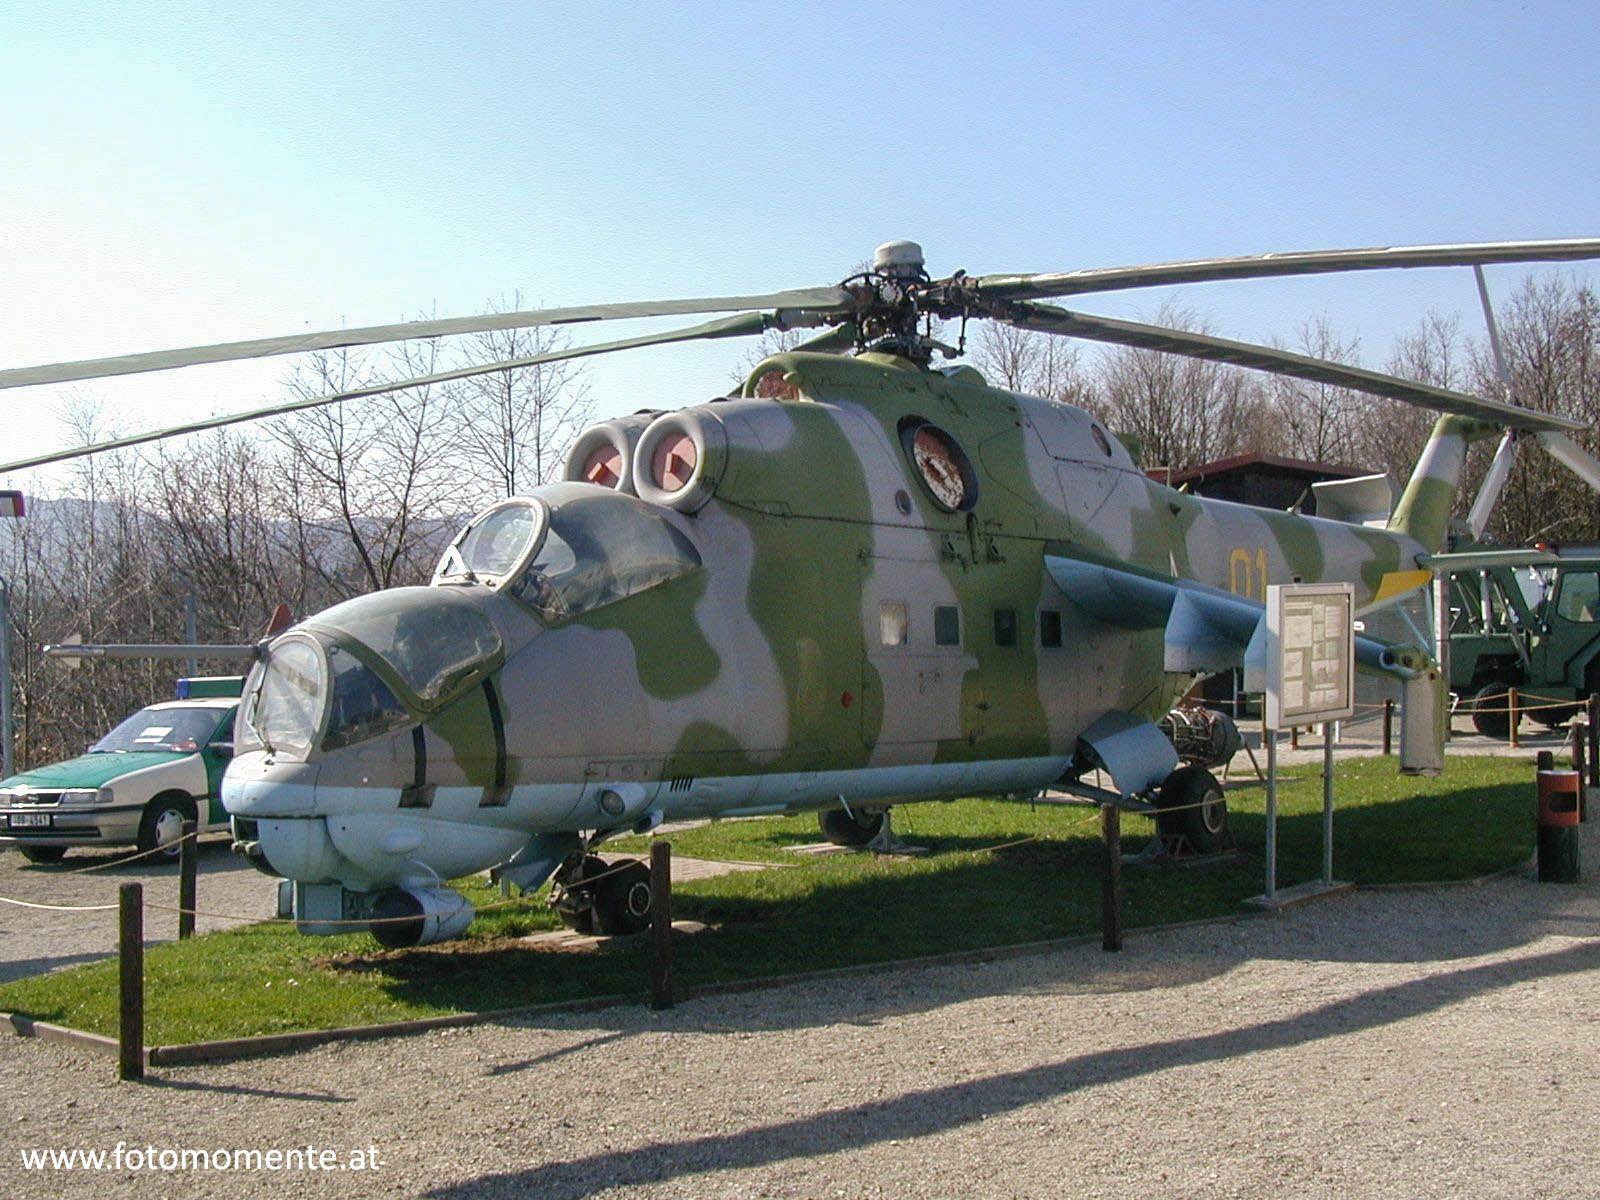 Hubschrauber MI 24 Grenzmuseum Schifflersgrund - Russischer Kampfhubschrauber MI-24 im Grenzmuseum Schifflersgrund